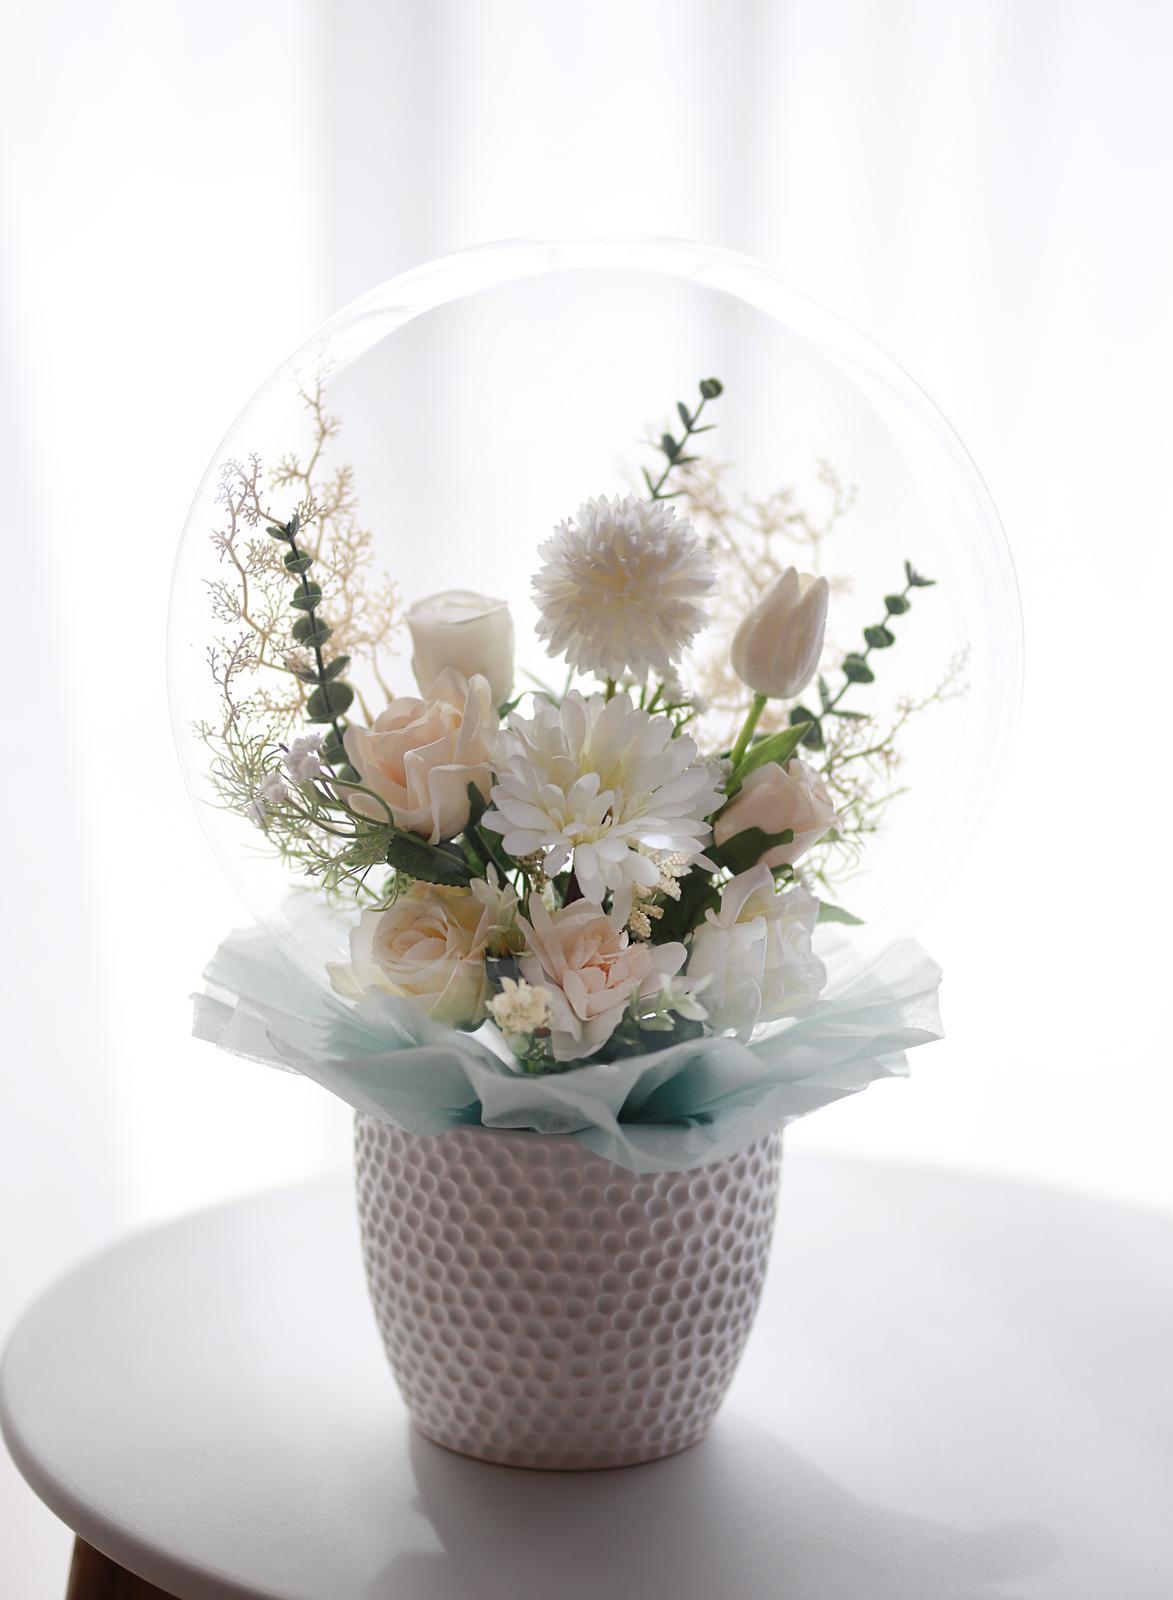 Medium flowerballoon pot type